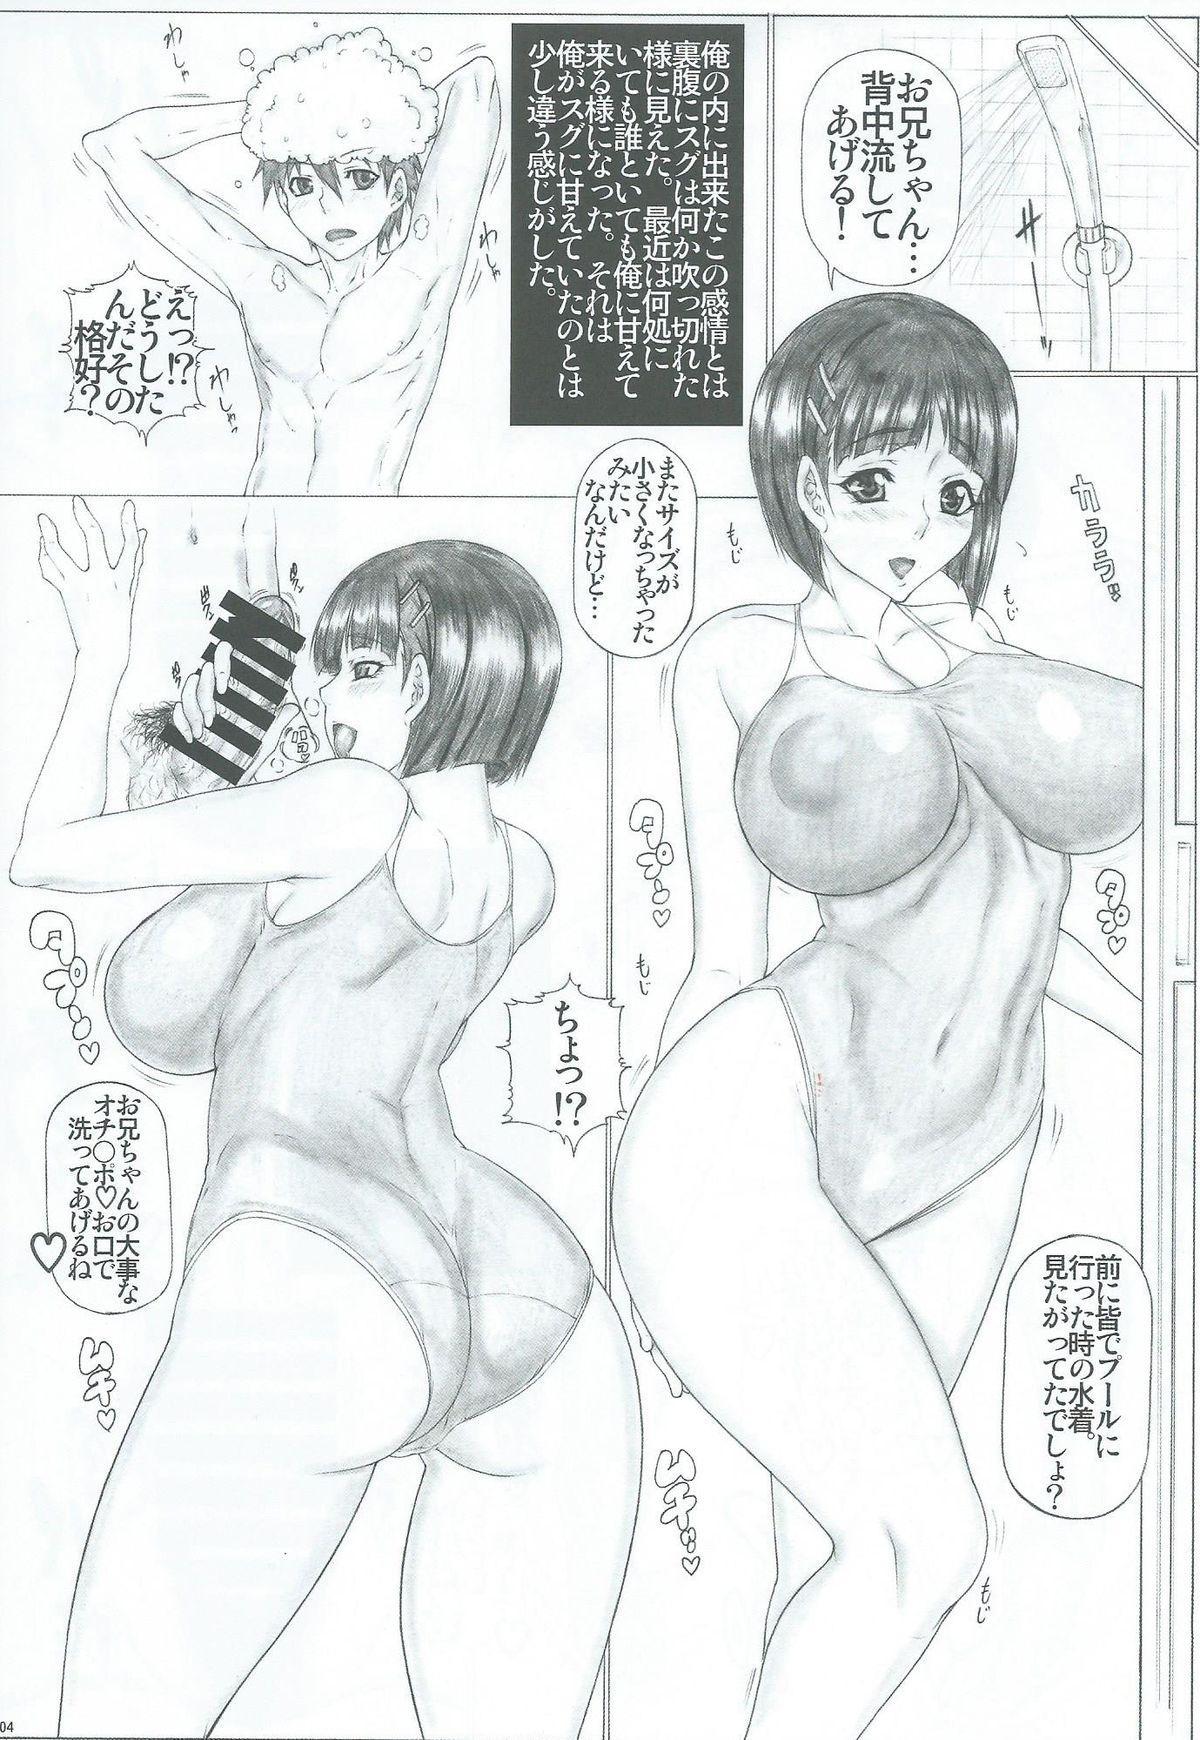 Angel's stroke 81 Suguha Scramble! 2 Oniichan no Seiyoku Kanri 4